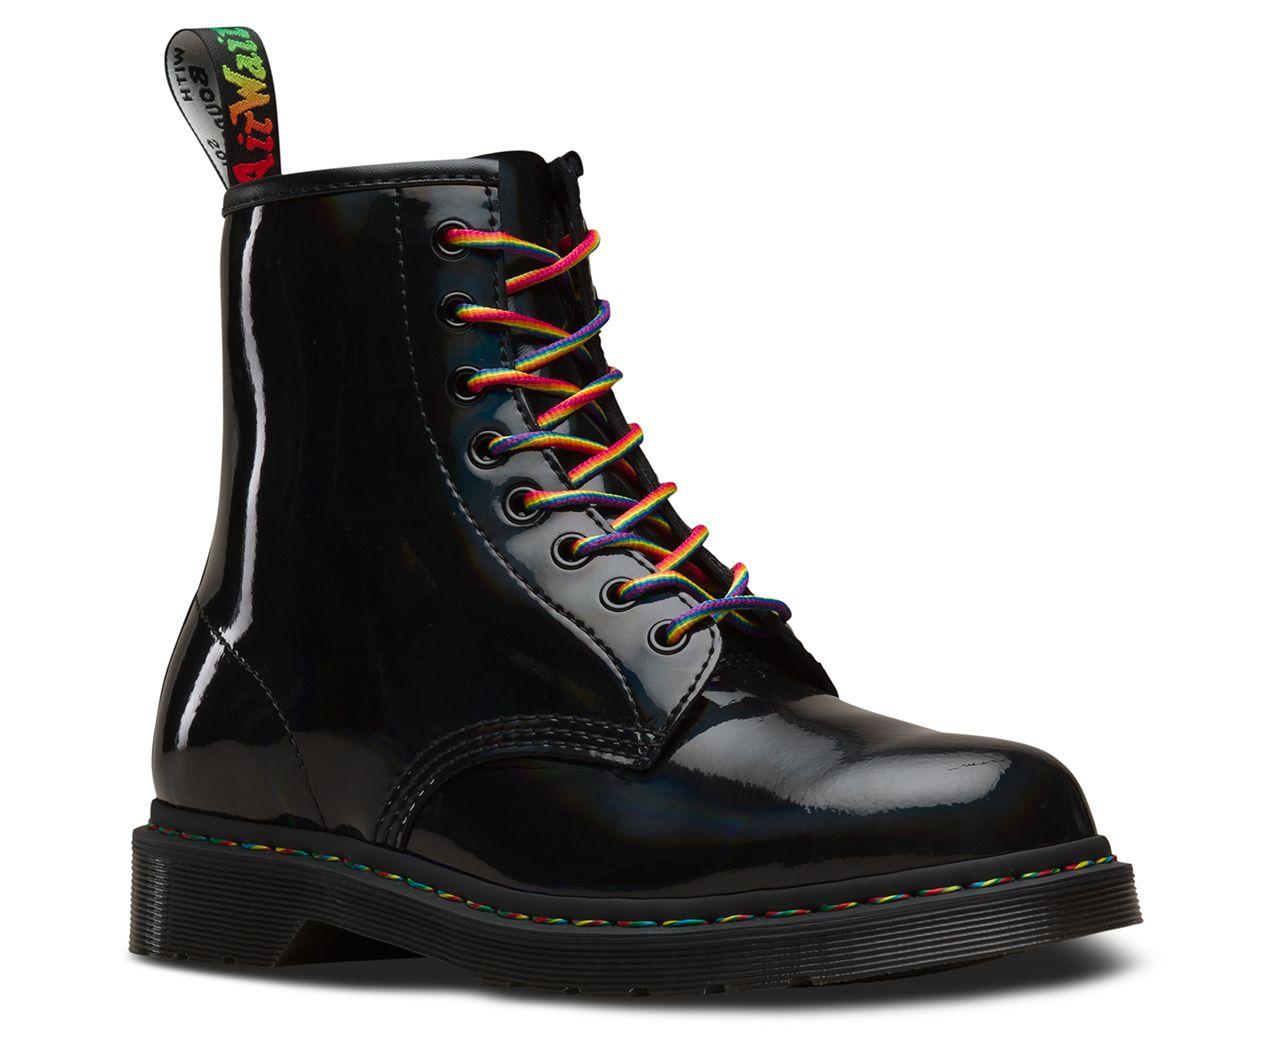 DR MARTENS Boots '1460 W' in Lackoptik in Grau Schwarz